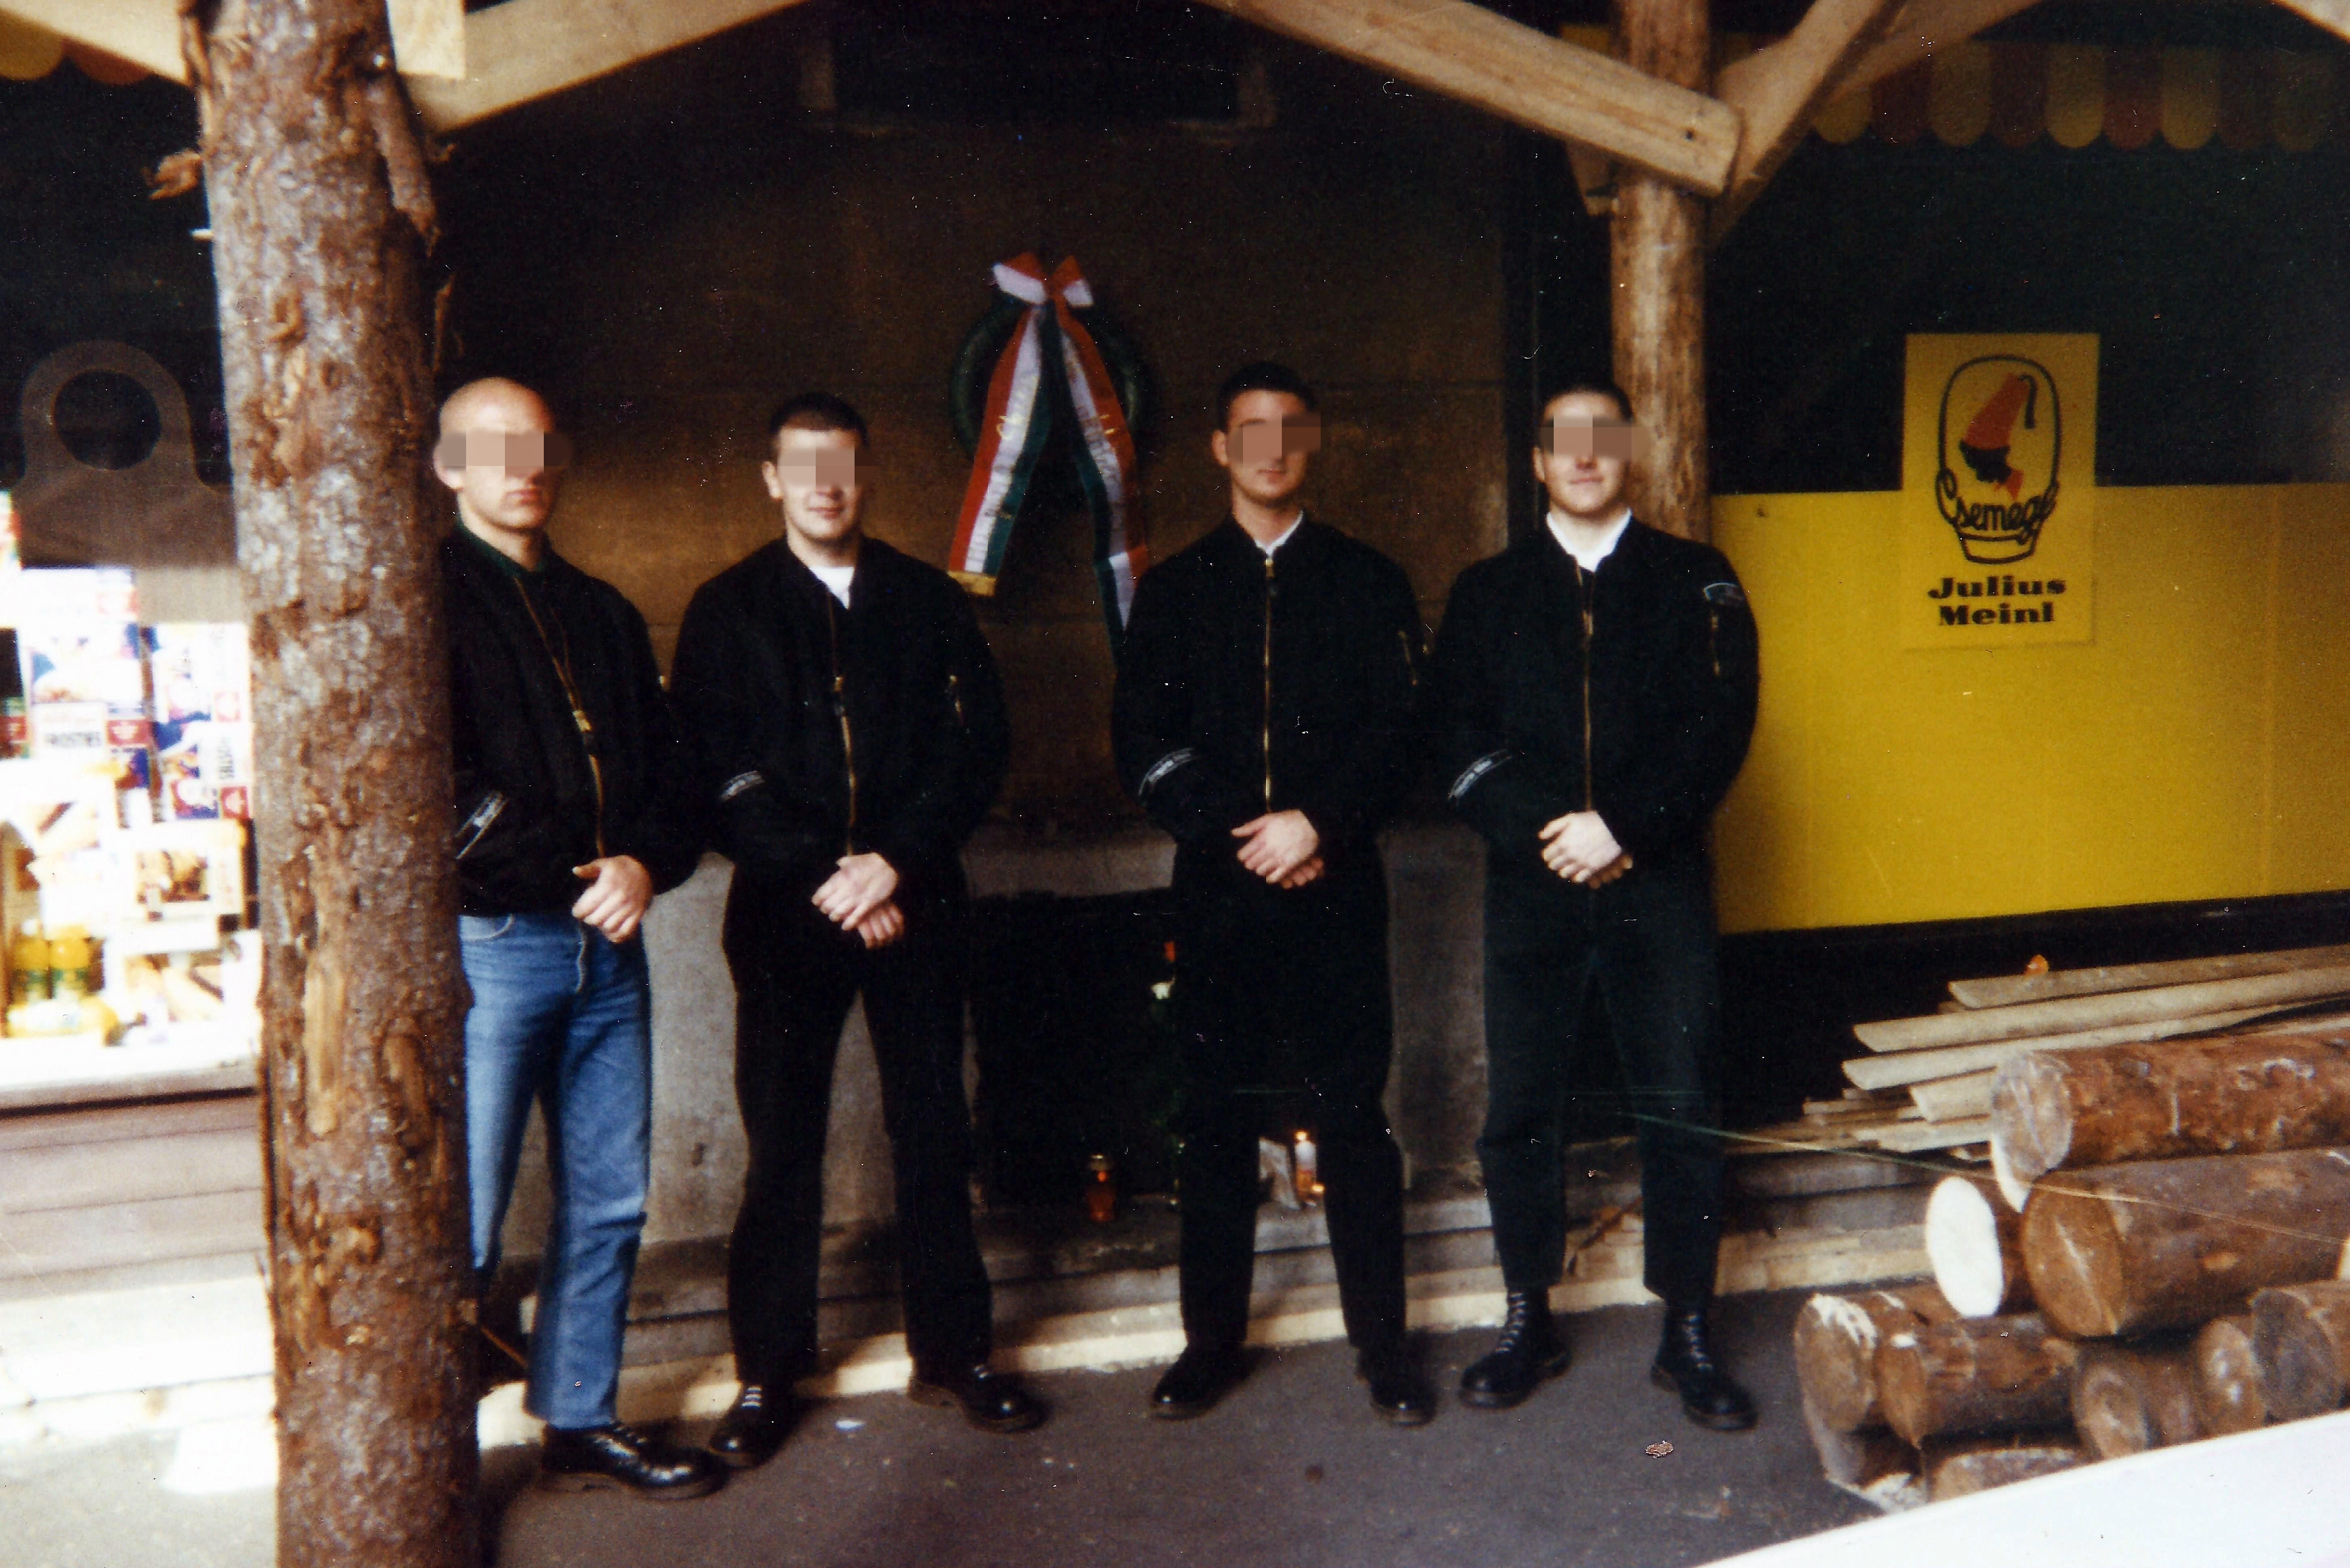 fdc52dd1a0 Az alapítótagok Balázs és Kalóz. 1994 októberében koszorúztunk először  egységesen, HS szalagos koszorúval a Corvin közben, az '56-os  szabadságharcosaink ...